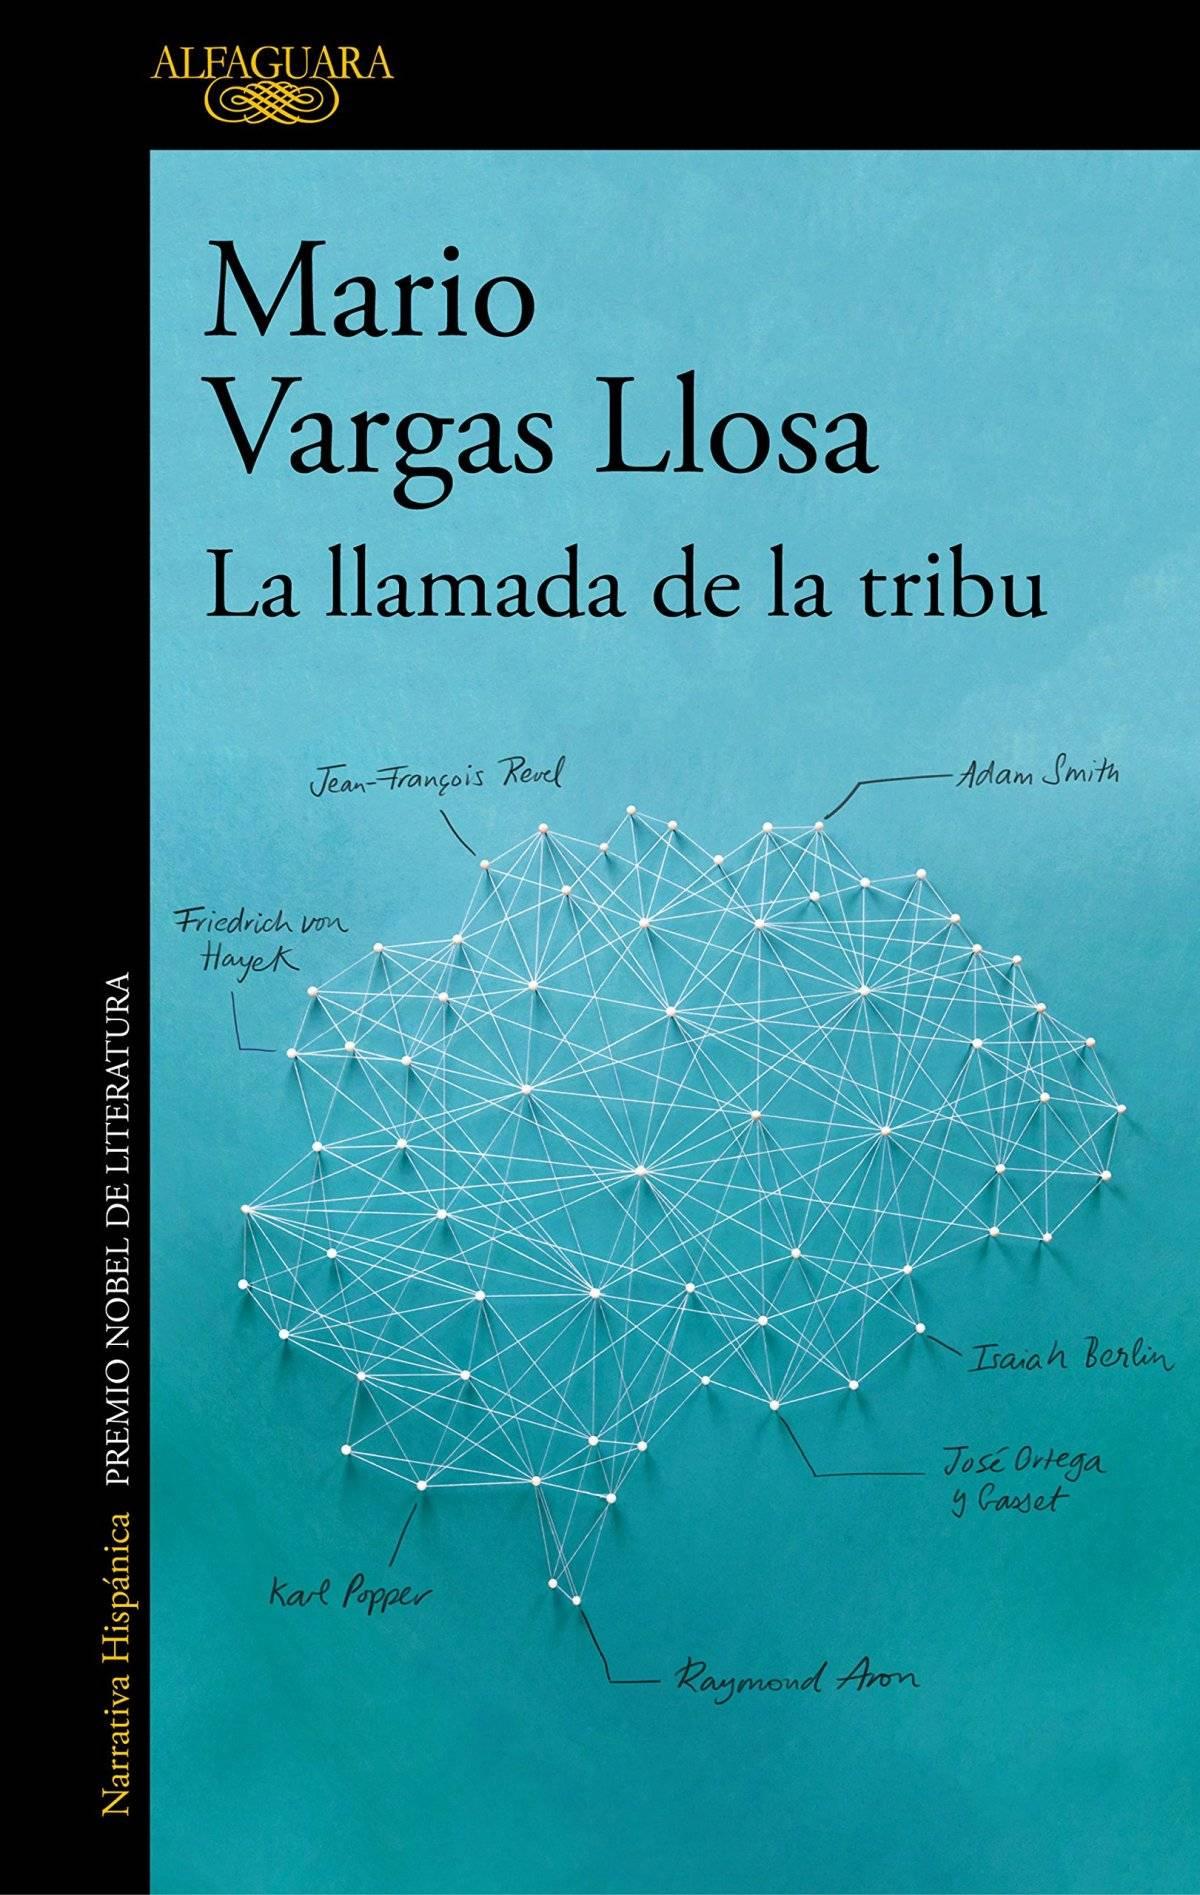 Mario Vargas Llosa – La llamada de la tribu